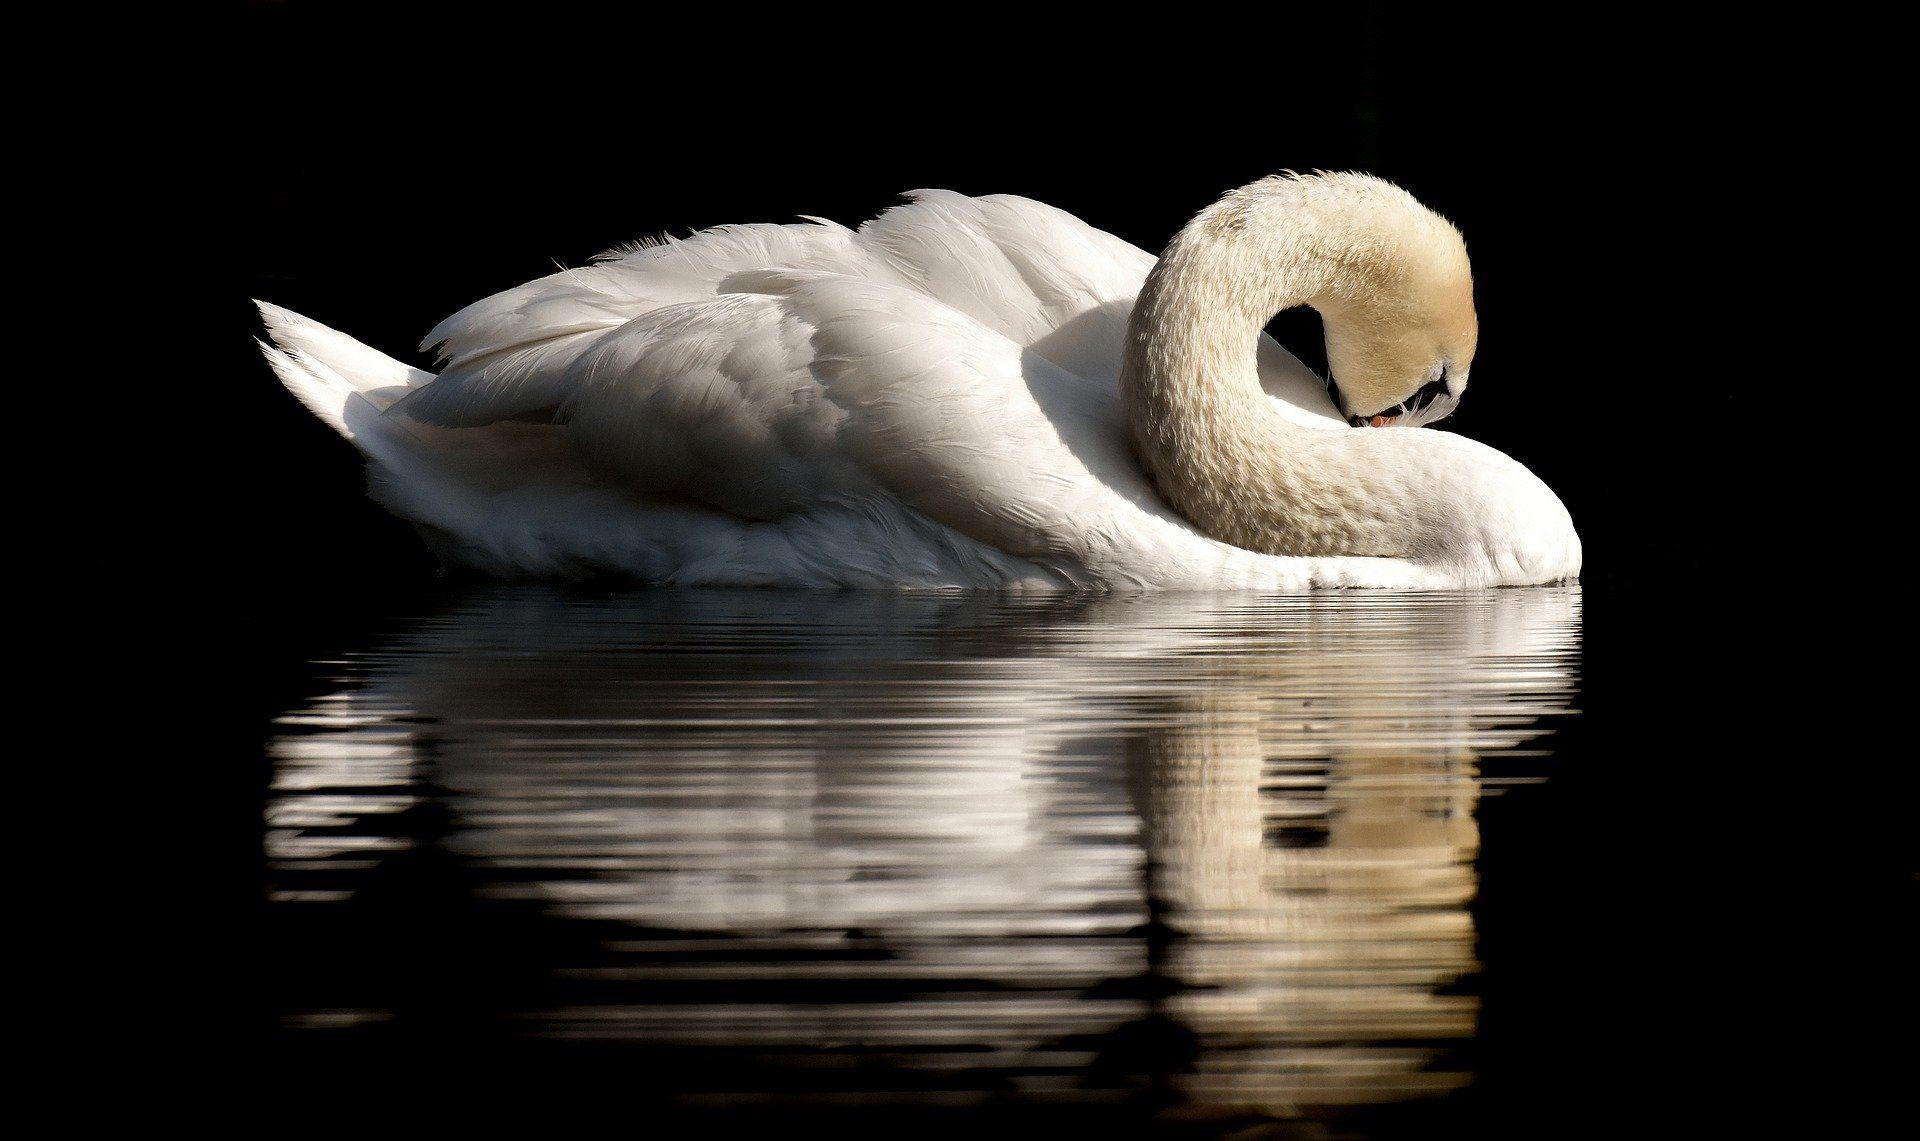 Смотреть интересное фото белый лебедь отдыхает на природе